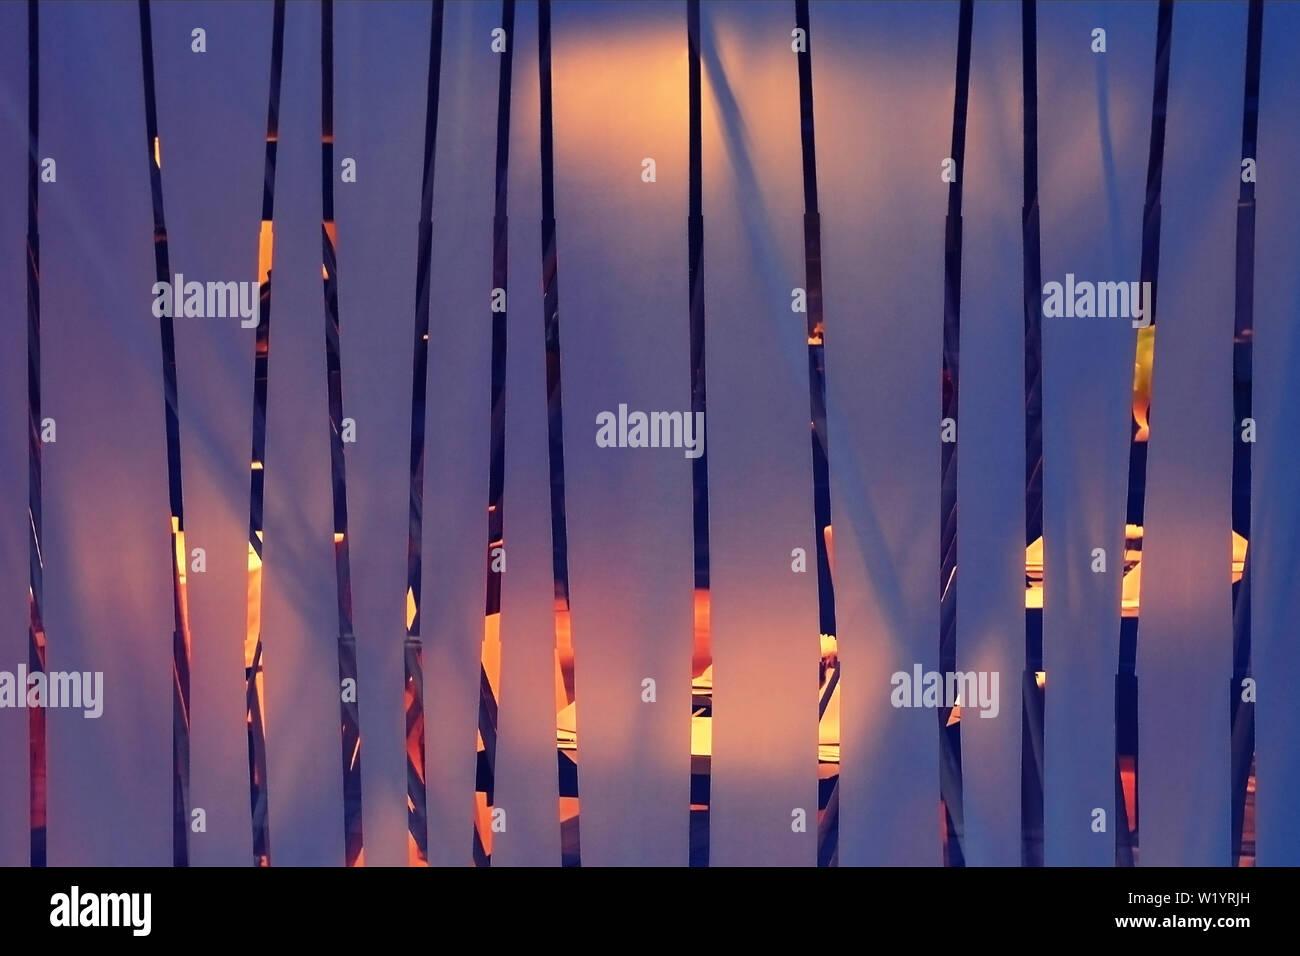 In vetro smerigliato con verticale strisce trasparenti, dietro al quale vi è una sala illuminata, astratta interiore di sfondo giallo e viola i colori. Foto Stock